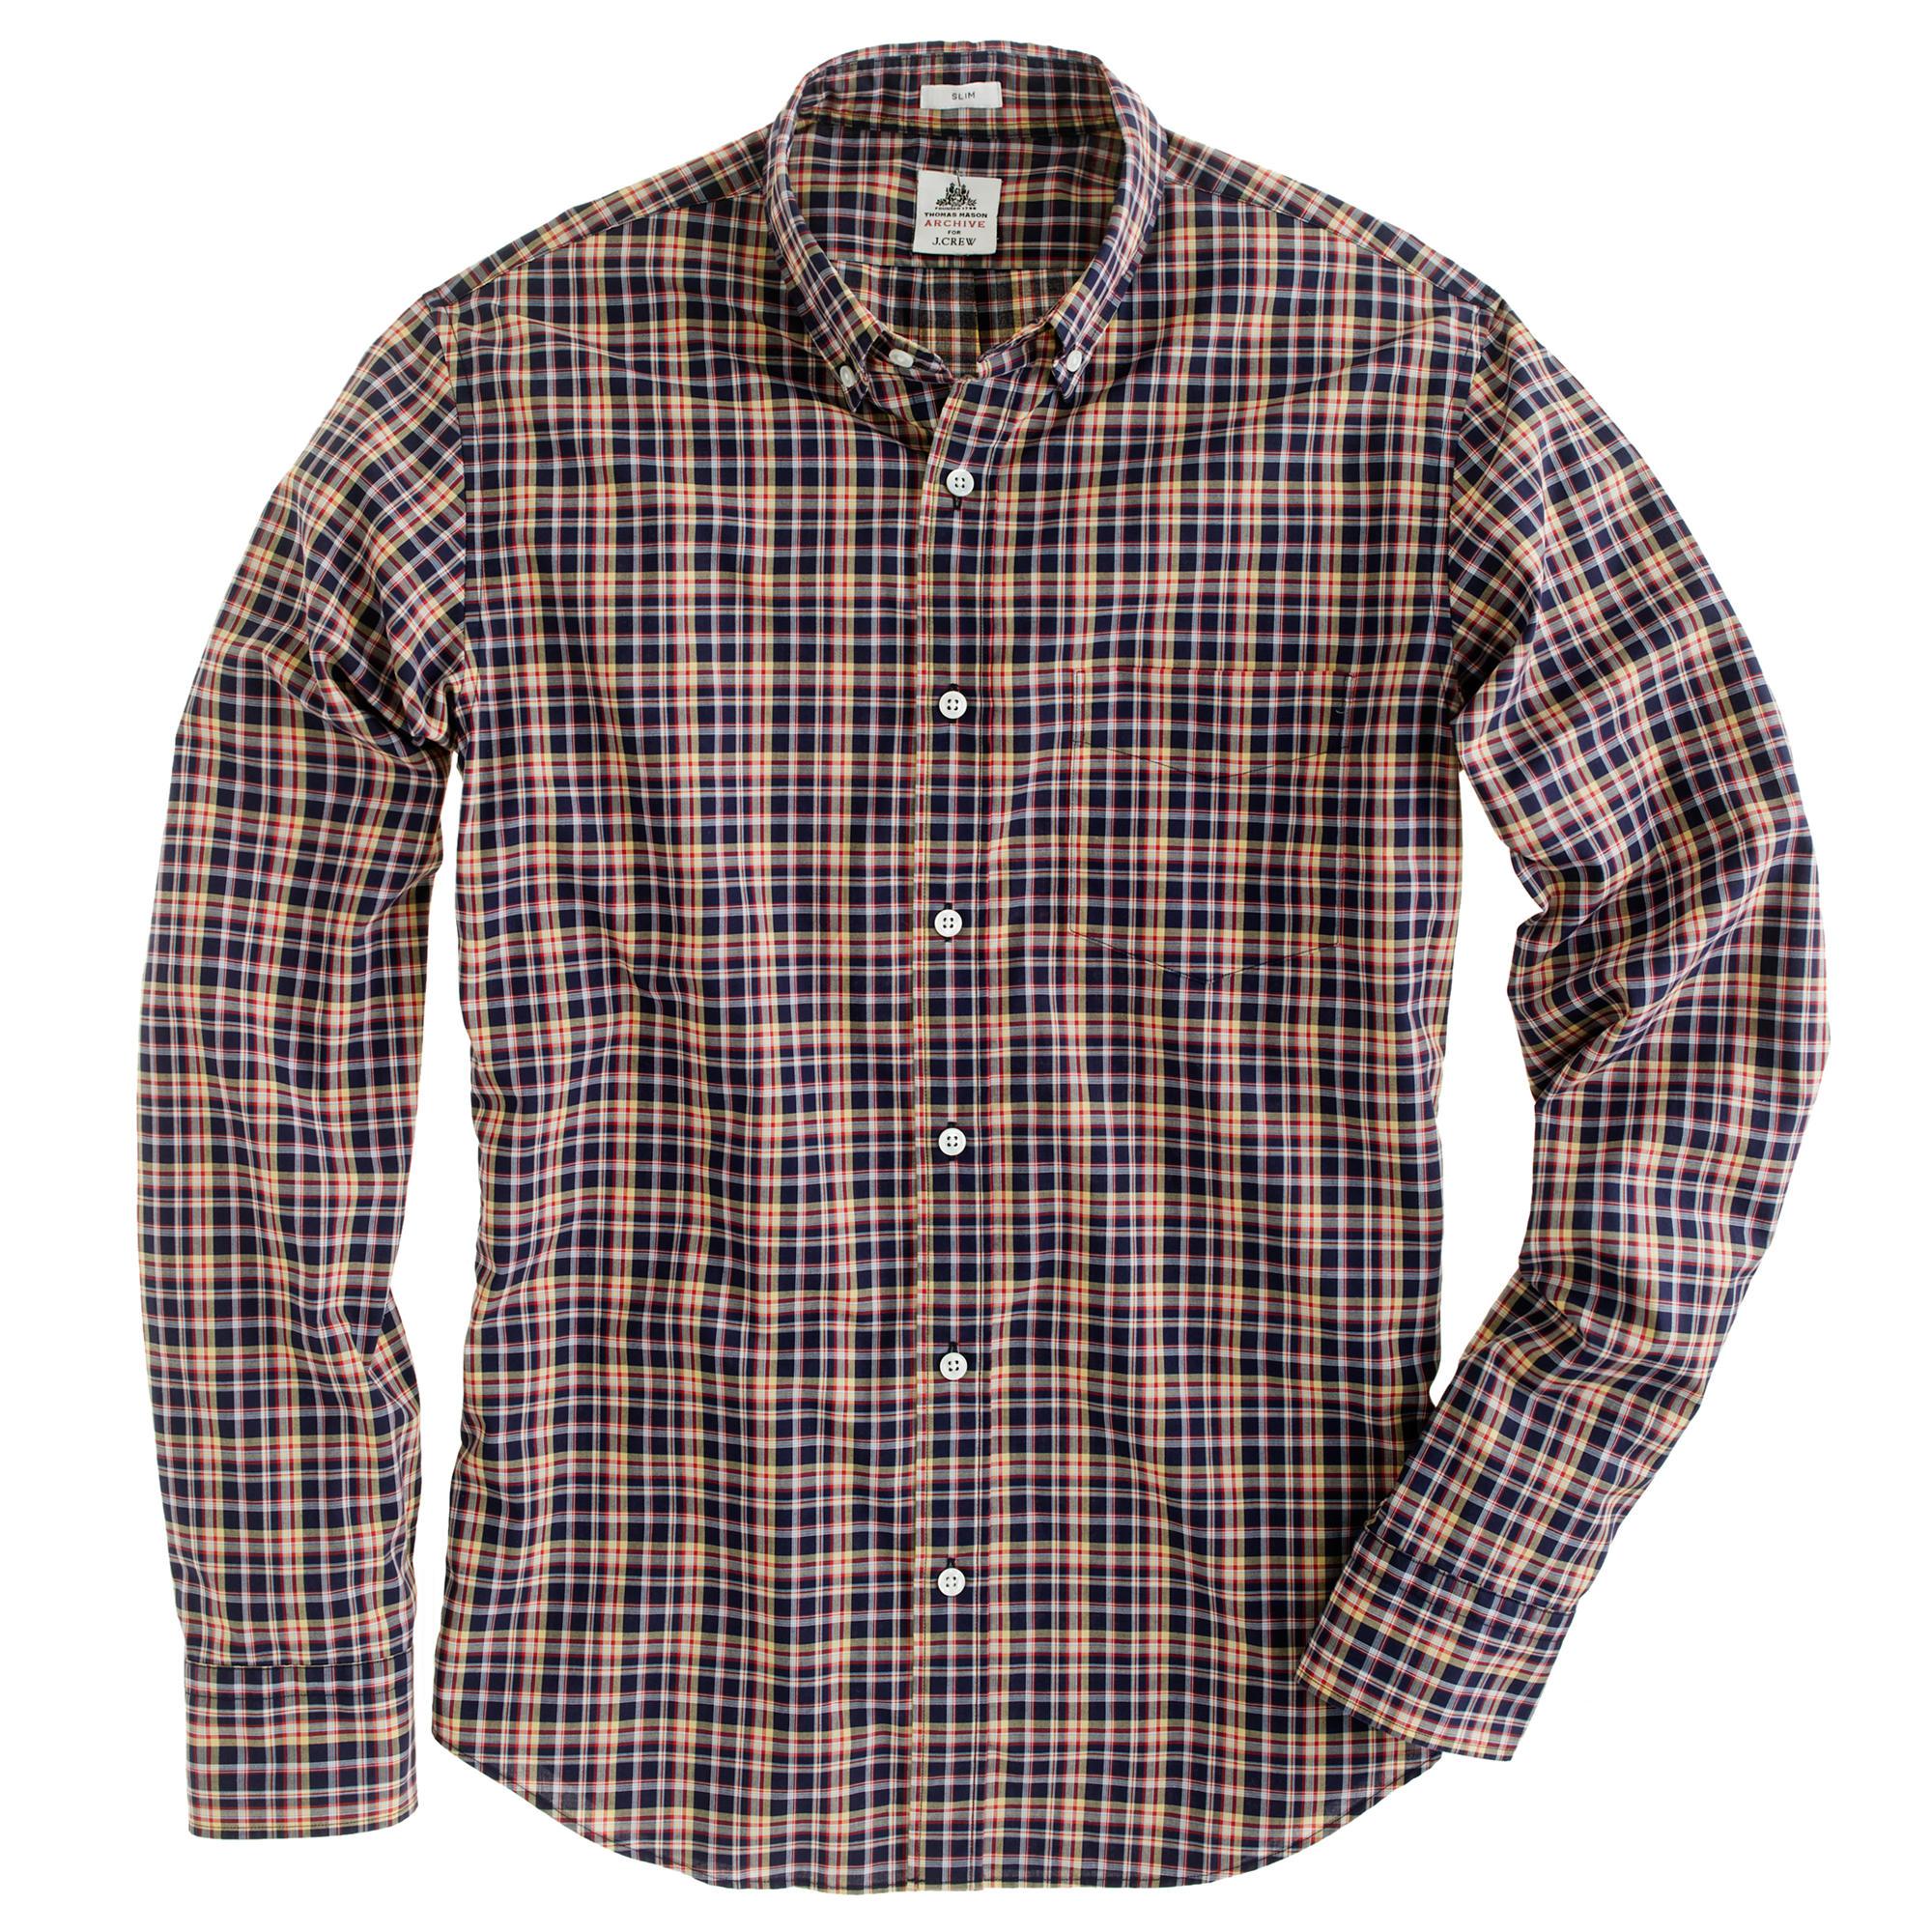 Slim thomas mason archive for j crew shirt in 1881 plaid for Thomas mason dress shirts